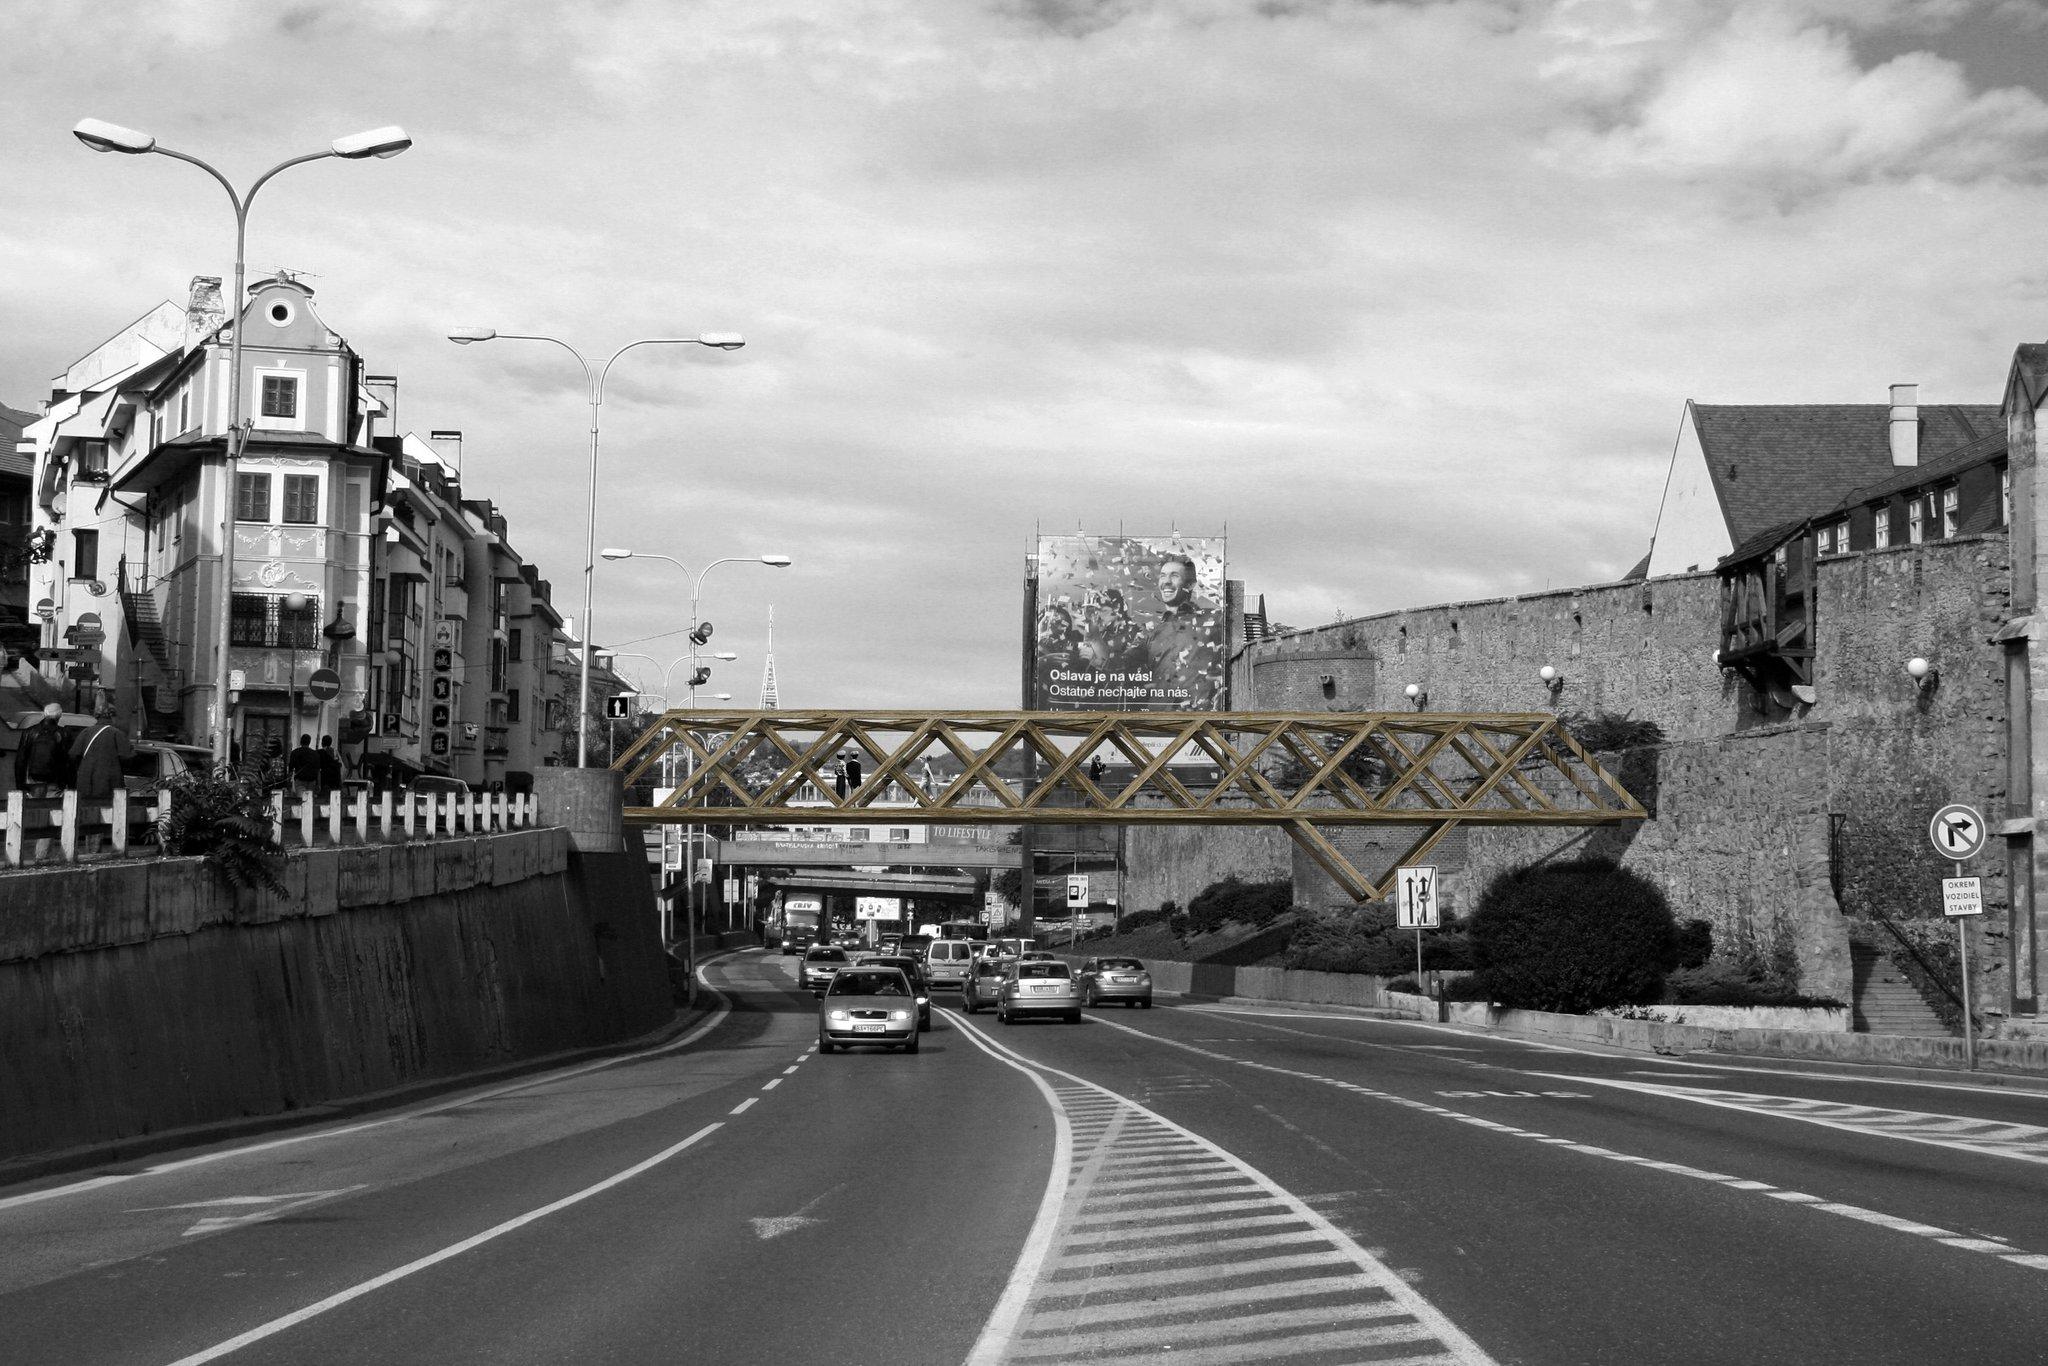 Mestské zásahy Bratislava 2008. Ilja Skoček, Rado Zelik - Drevený most.